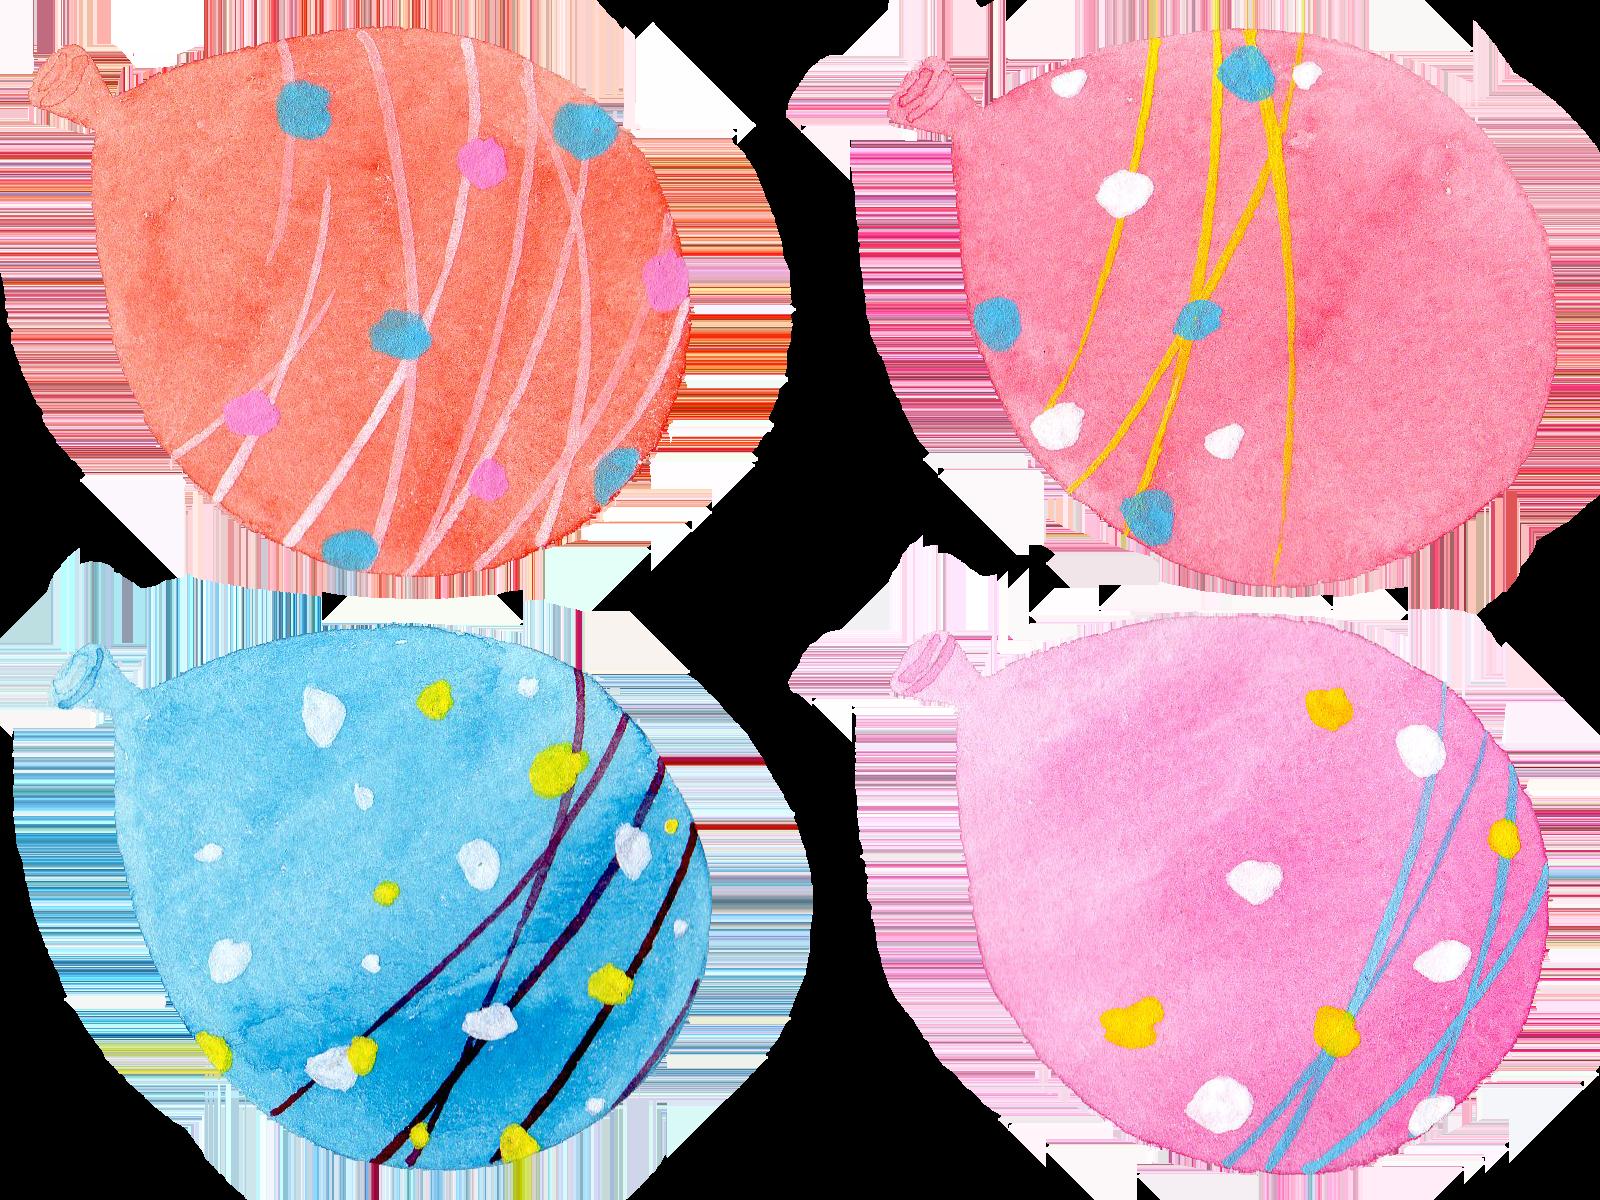 水彩で描いた水風船のイラスト